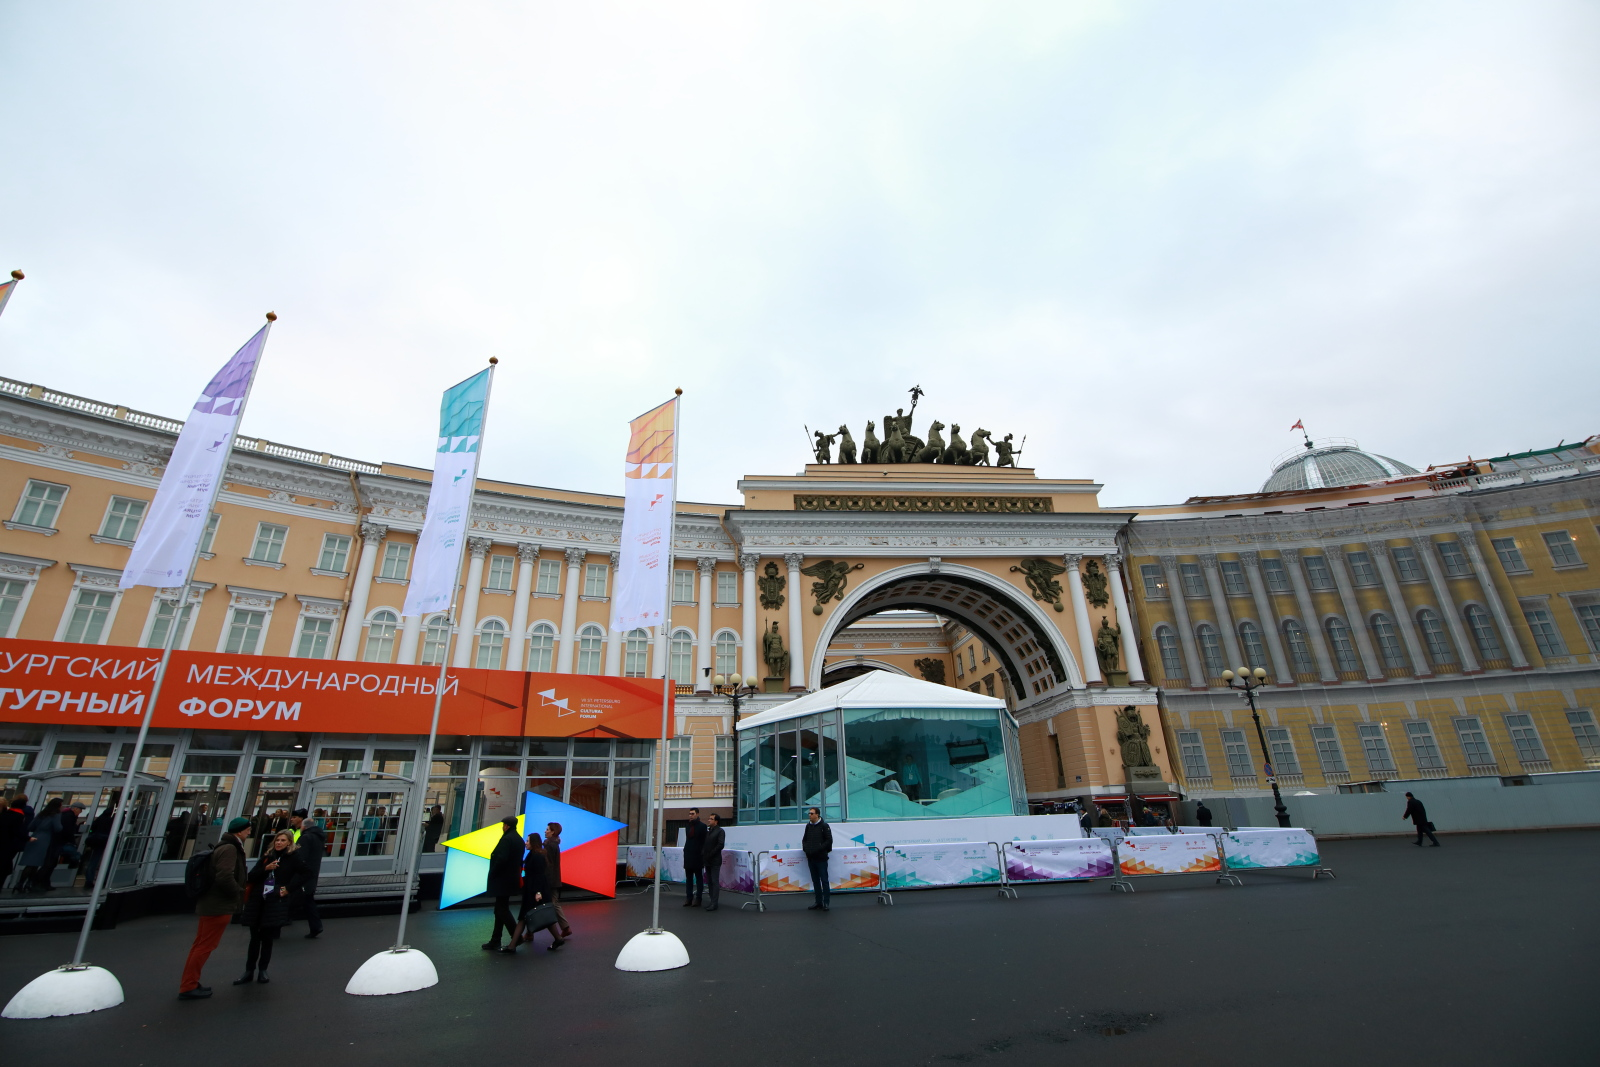 Технические инновации в сфере искусства обсудили на культурном форуме в Санкт-Петербурге